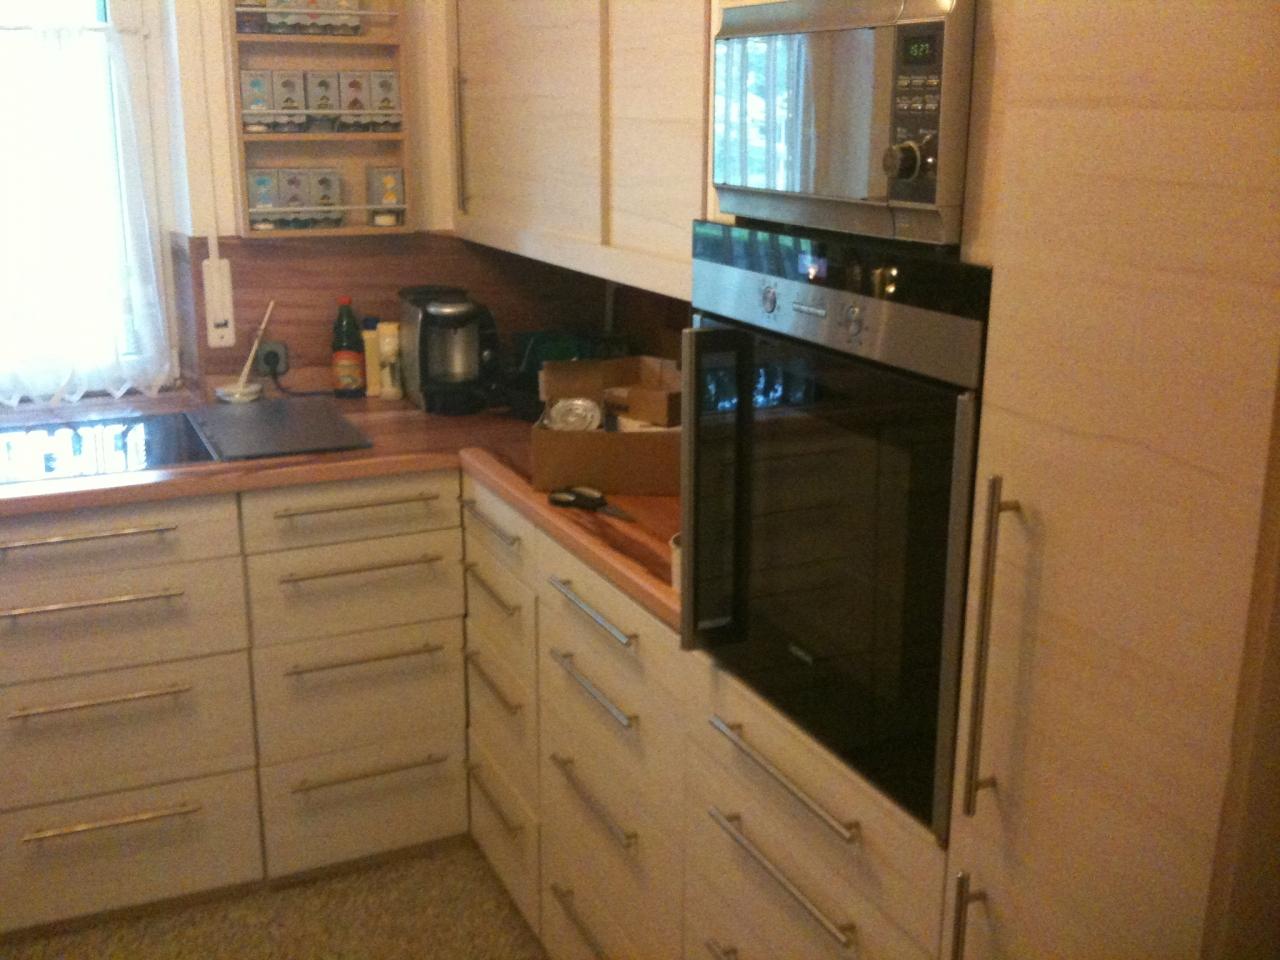 Bau einer Einbauküche - Bauanleitung zum Selberbauen - 1-2-do.com ...